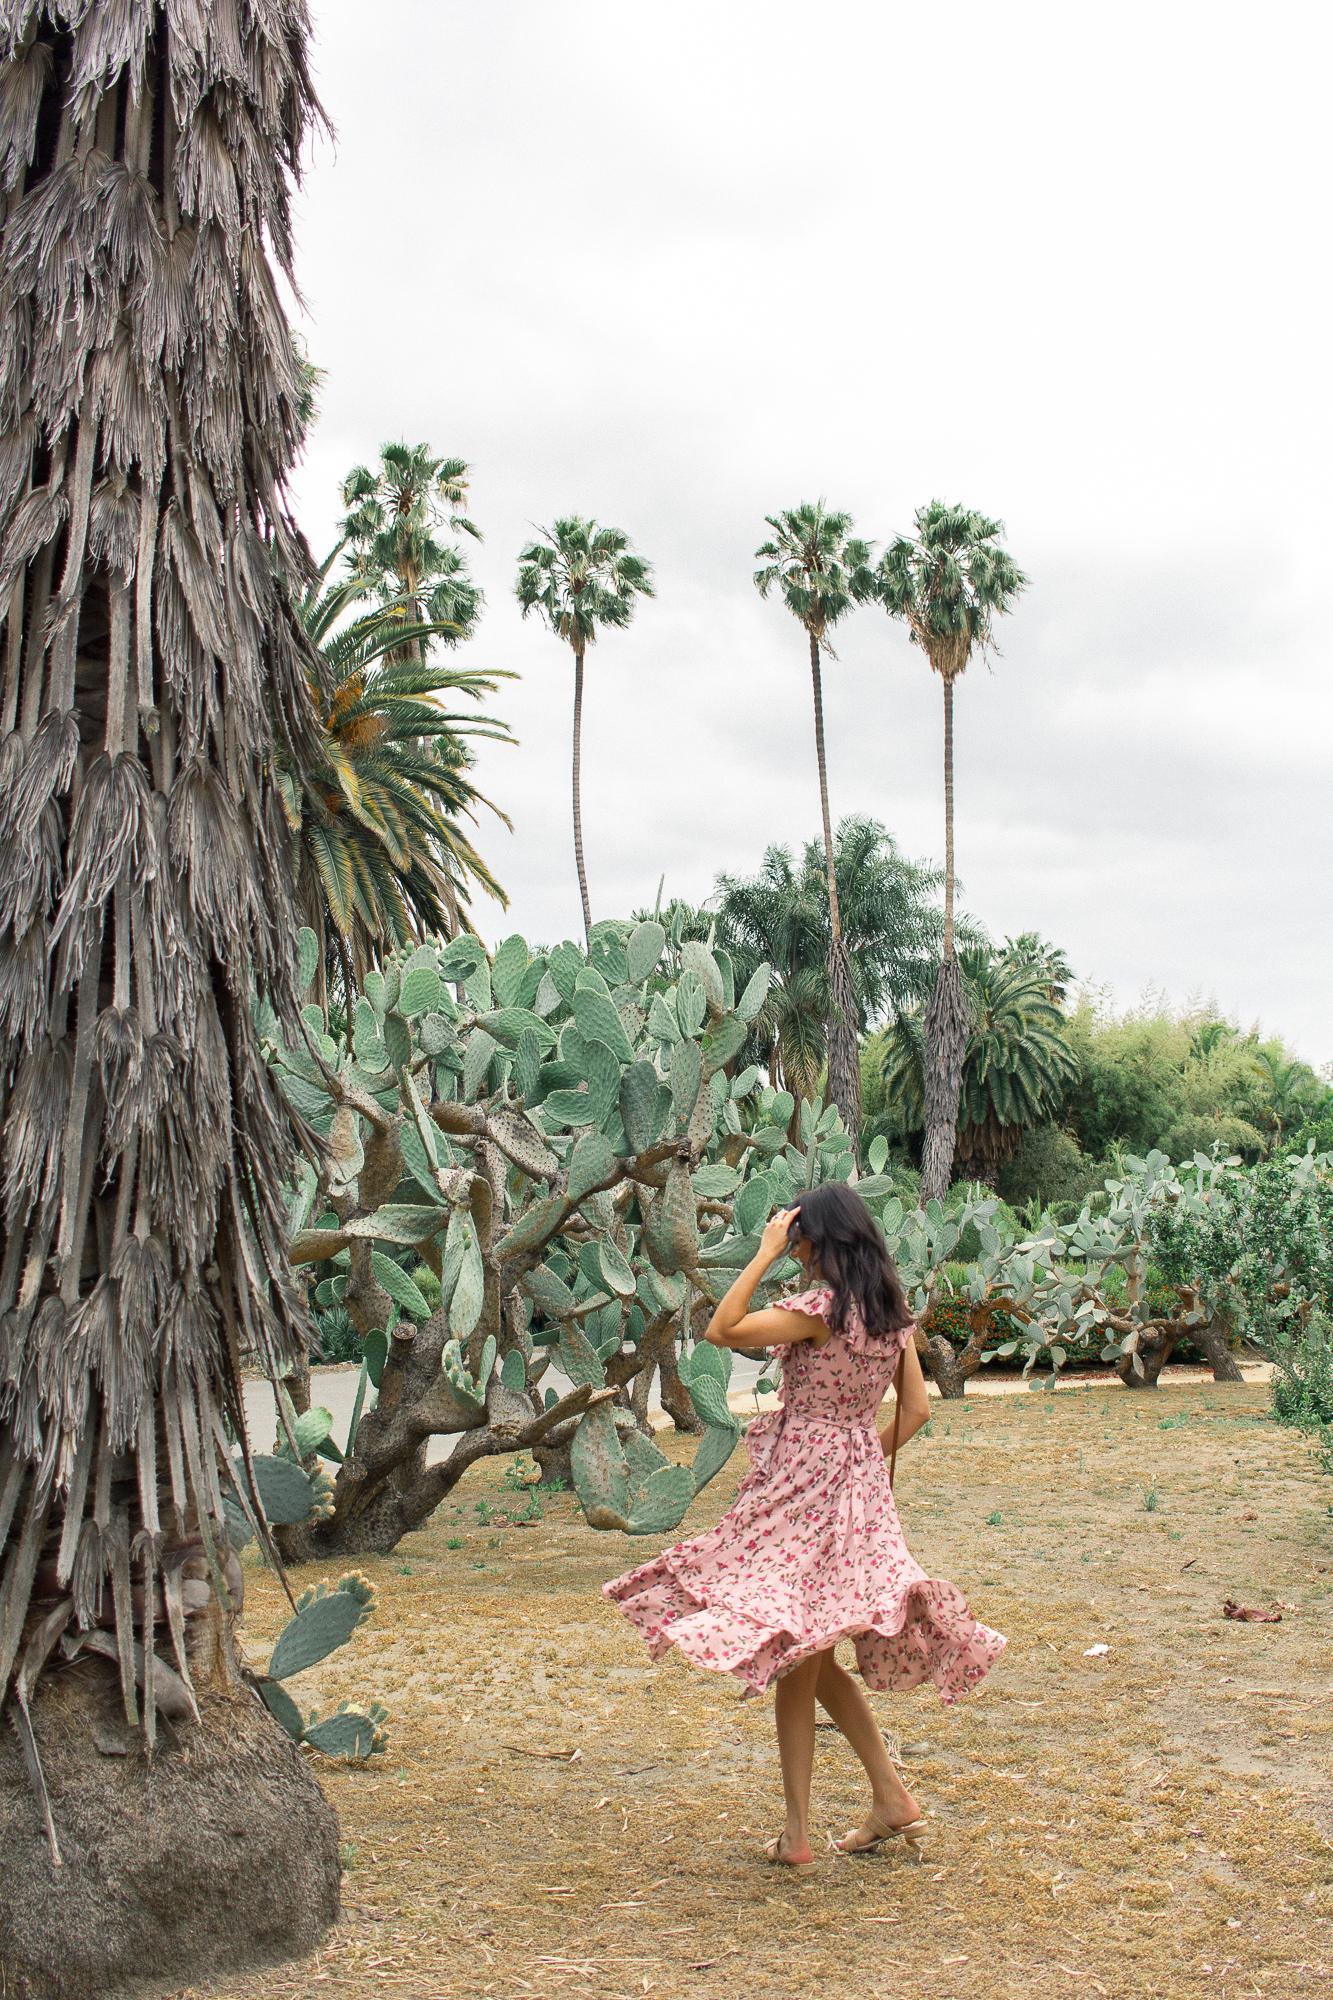 la arboretum 13